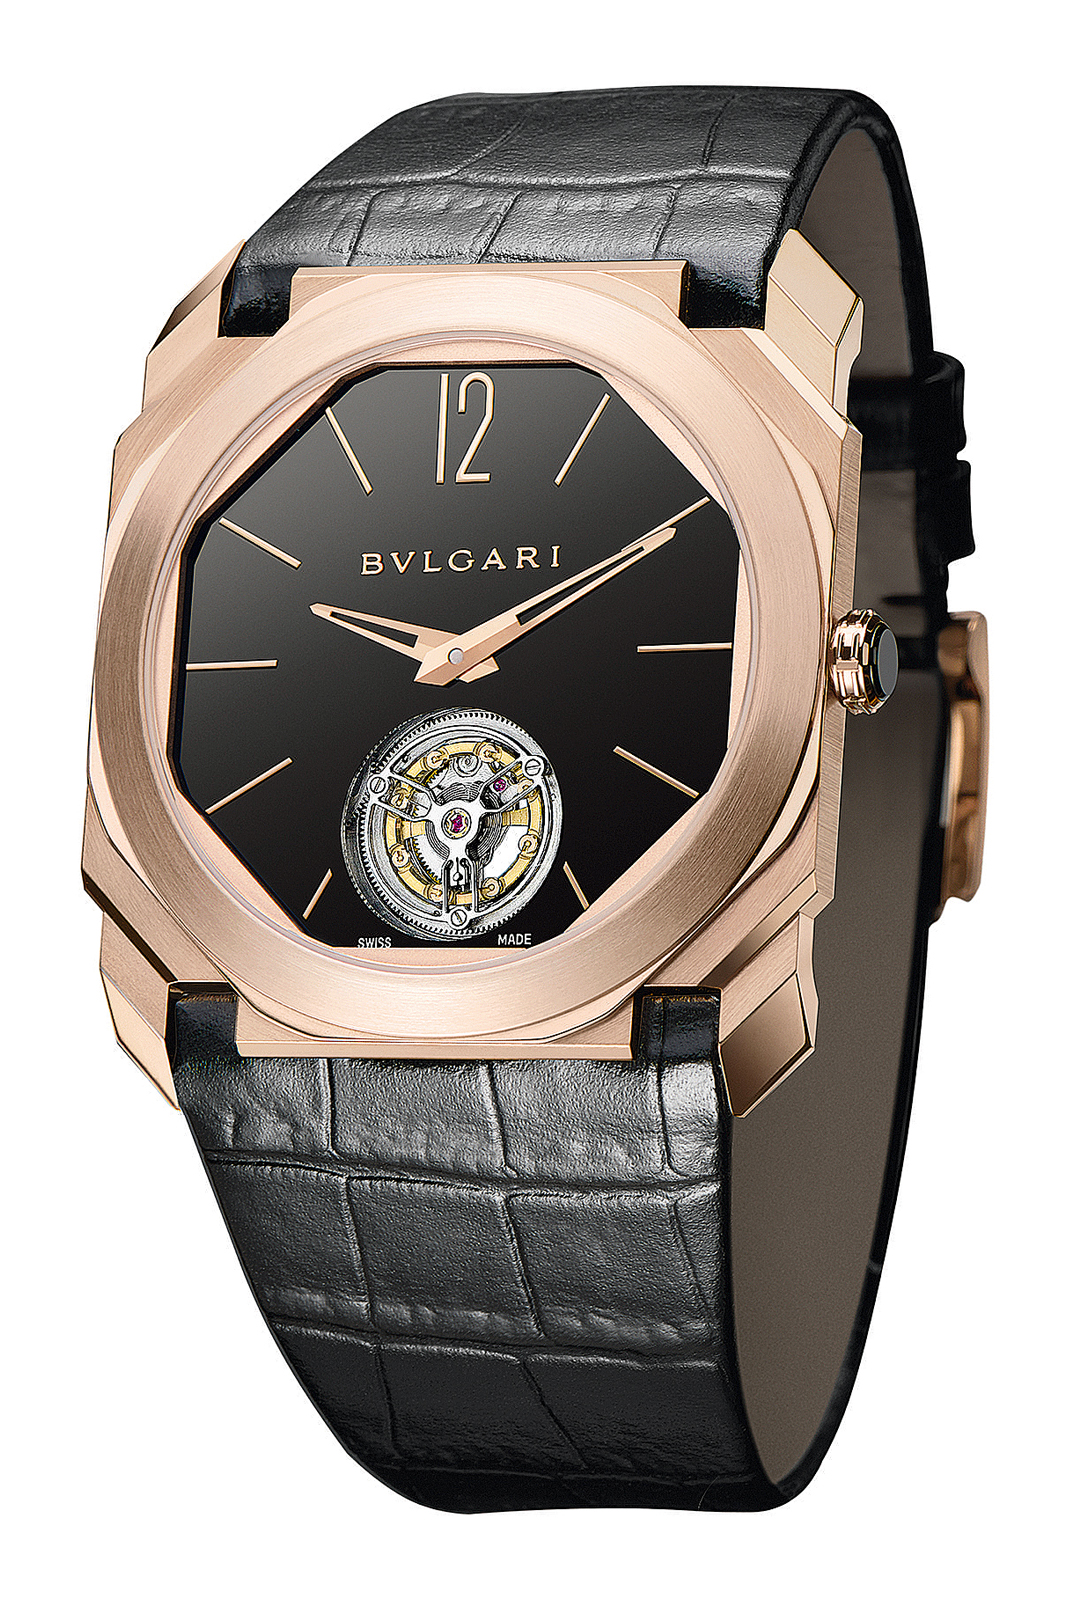 Bulgari Uhr